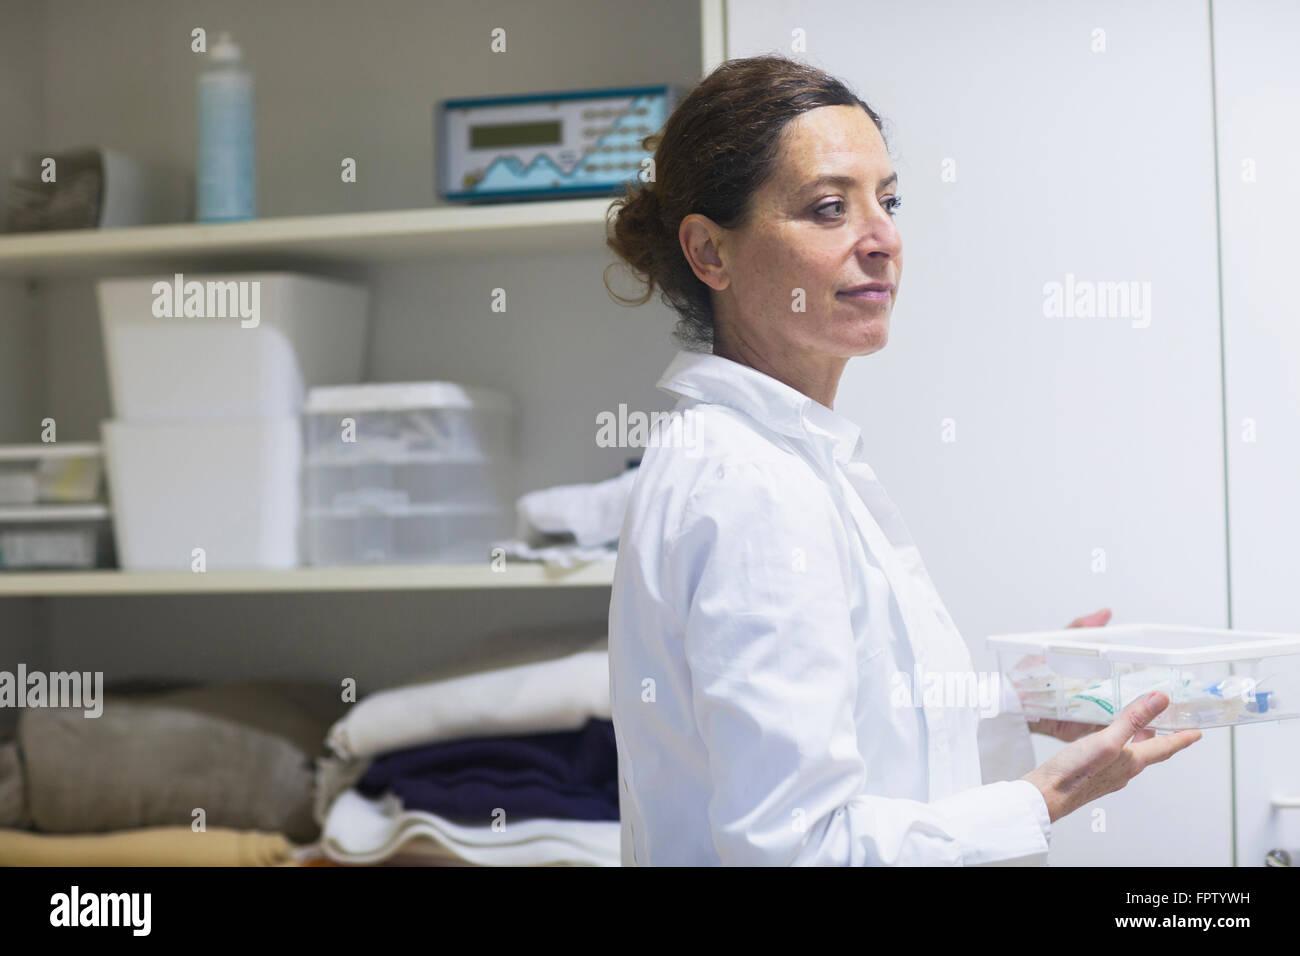 Ärztin, hält eine Medizin-Box, Freiburg Im Breisgau, Baden-Württemberg, Deutschland Stockfoto